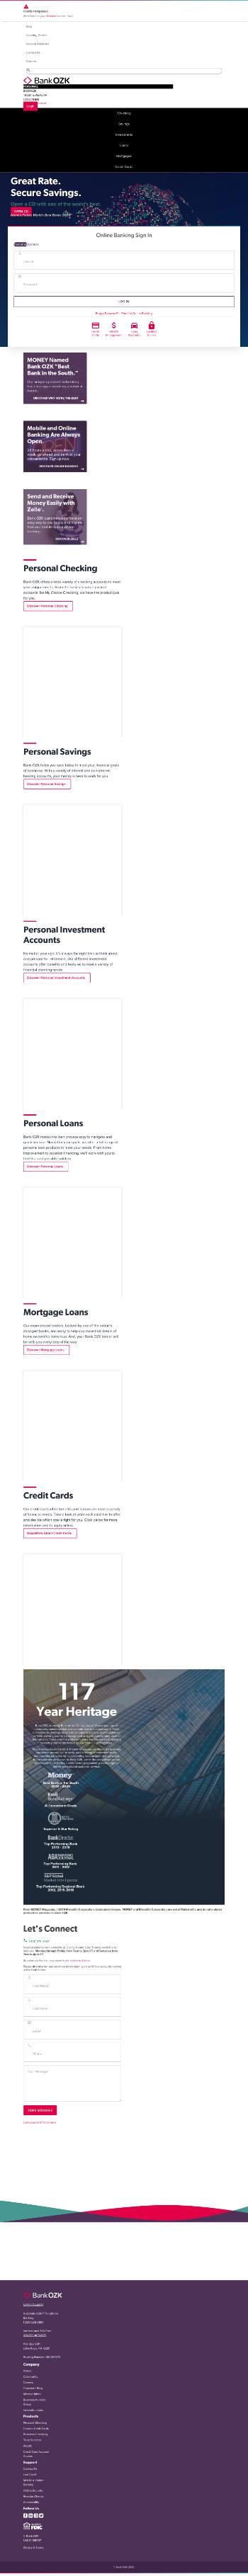 Bank OZK Website Screenshot